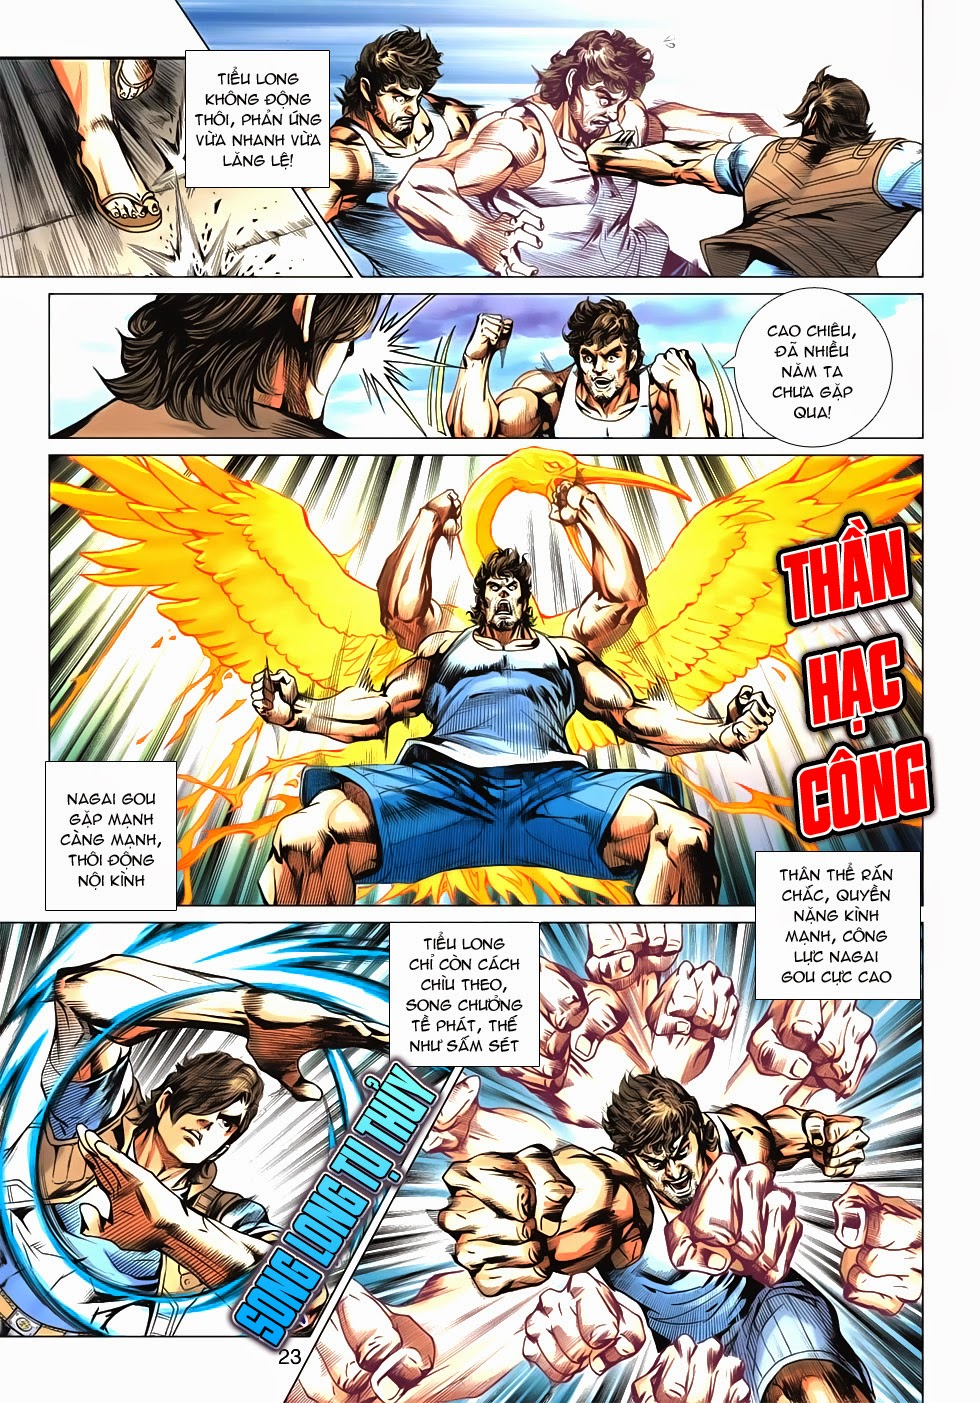 Tân Tác Long Hổ Môn chap 626 - Trang 23